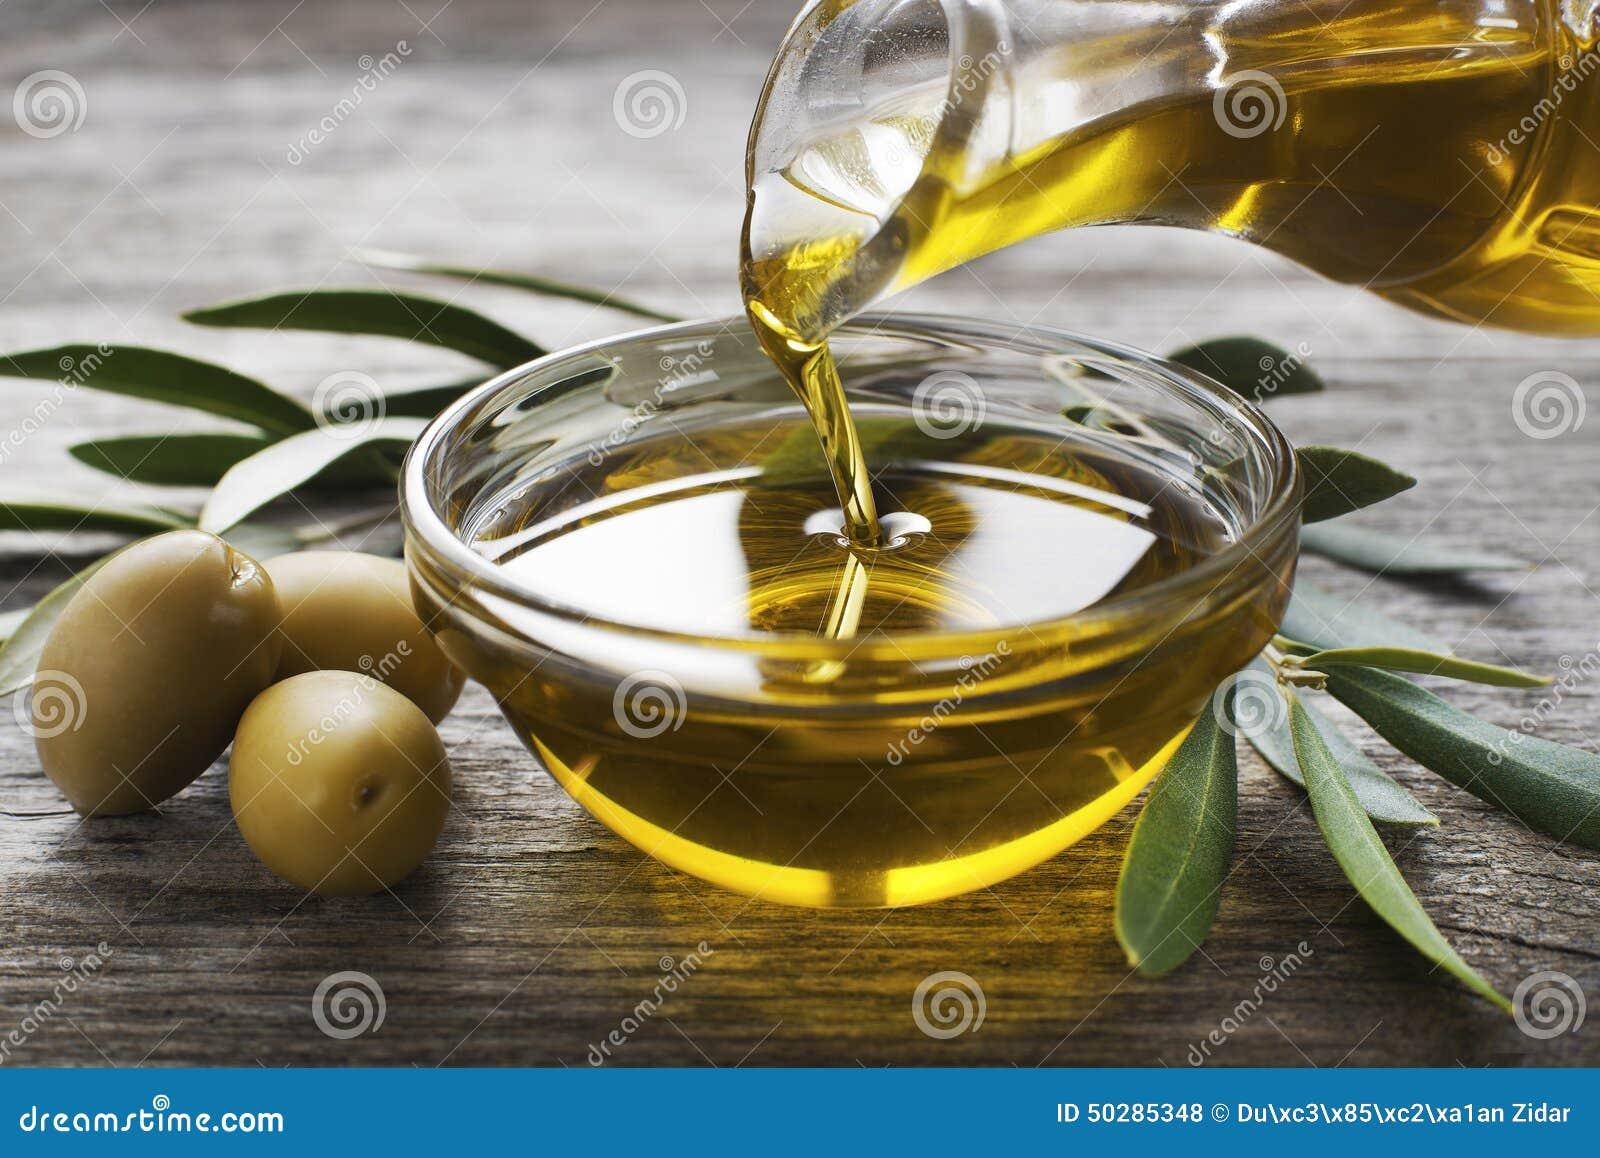 красивейшей одетьнные бутылкой специи оливки масла